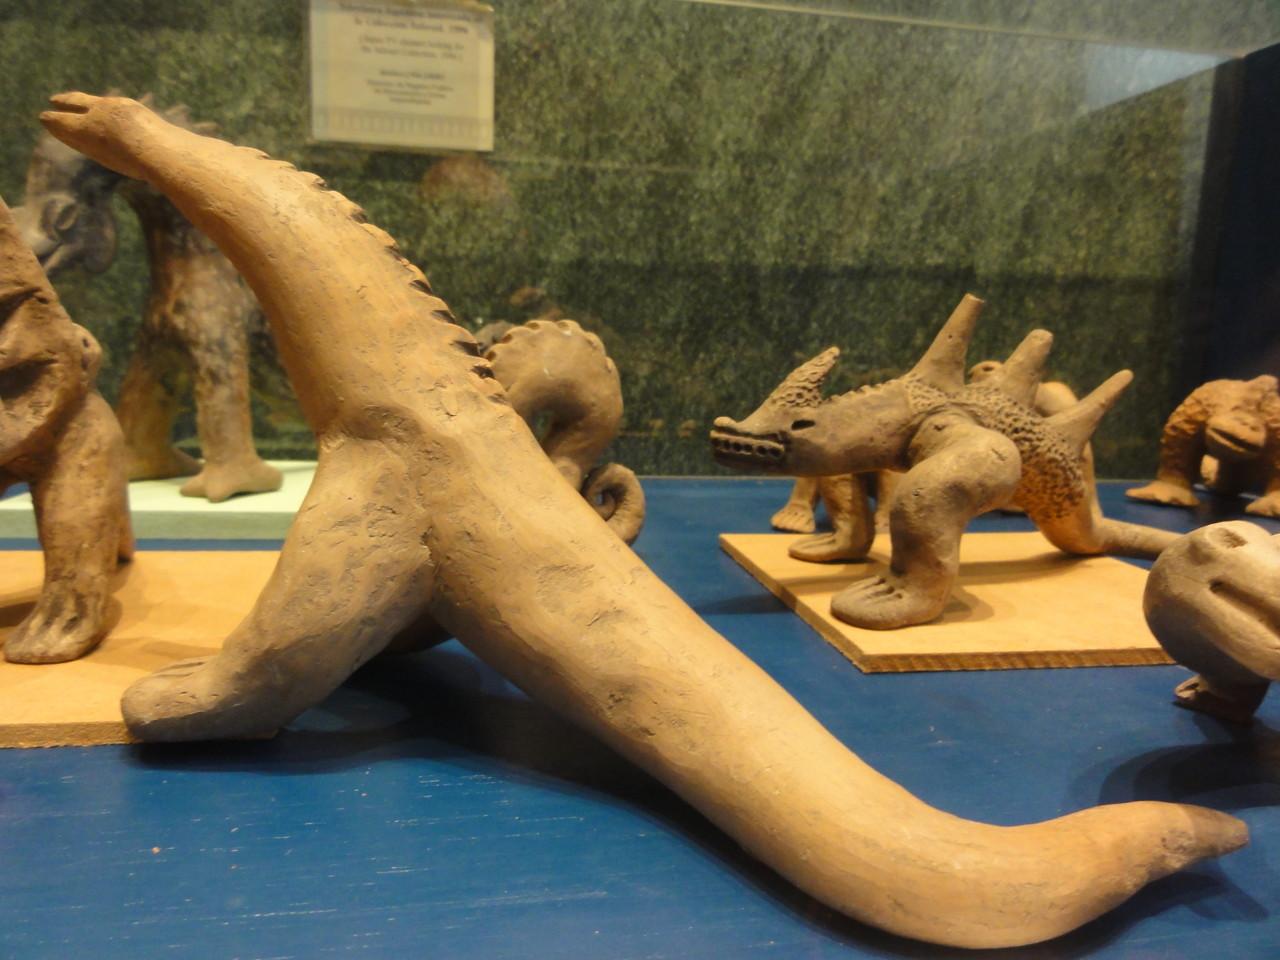 las famosas y controversas figuras de dinosaurios con seres  humanos